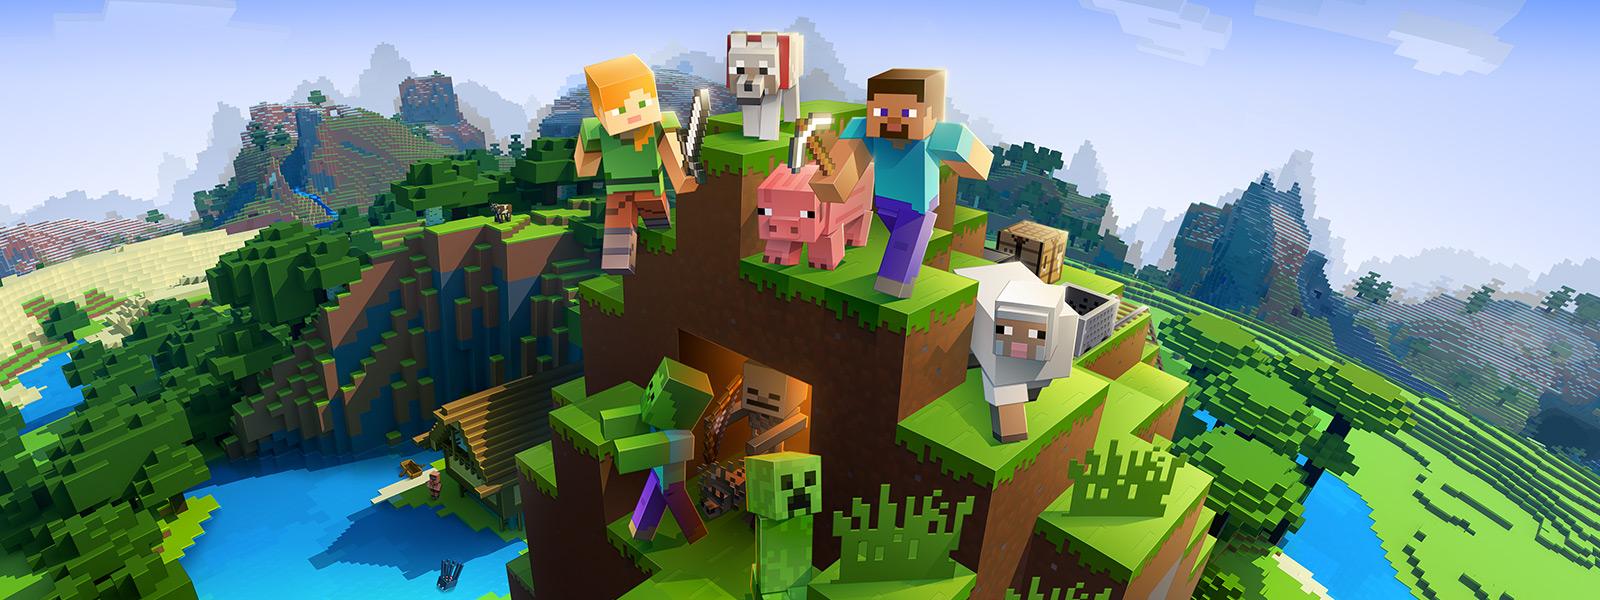 Avventure di Minecraft